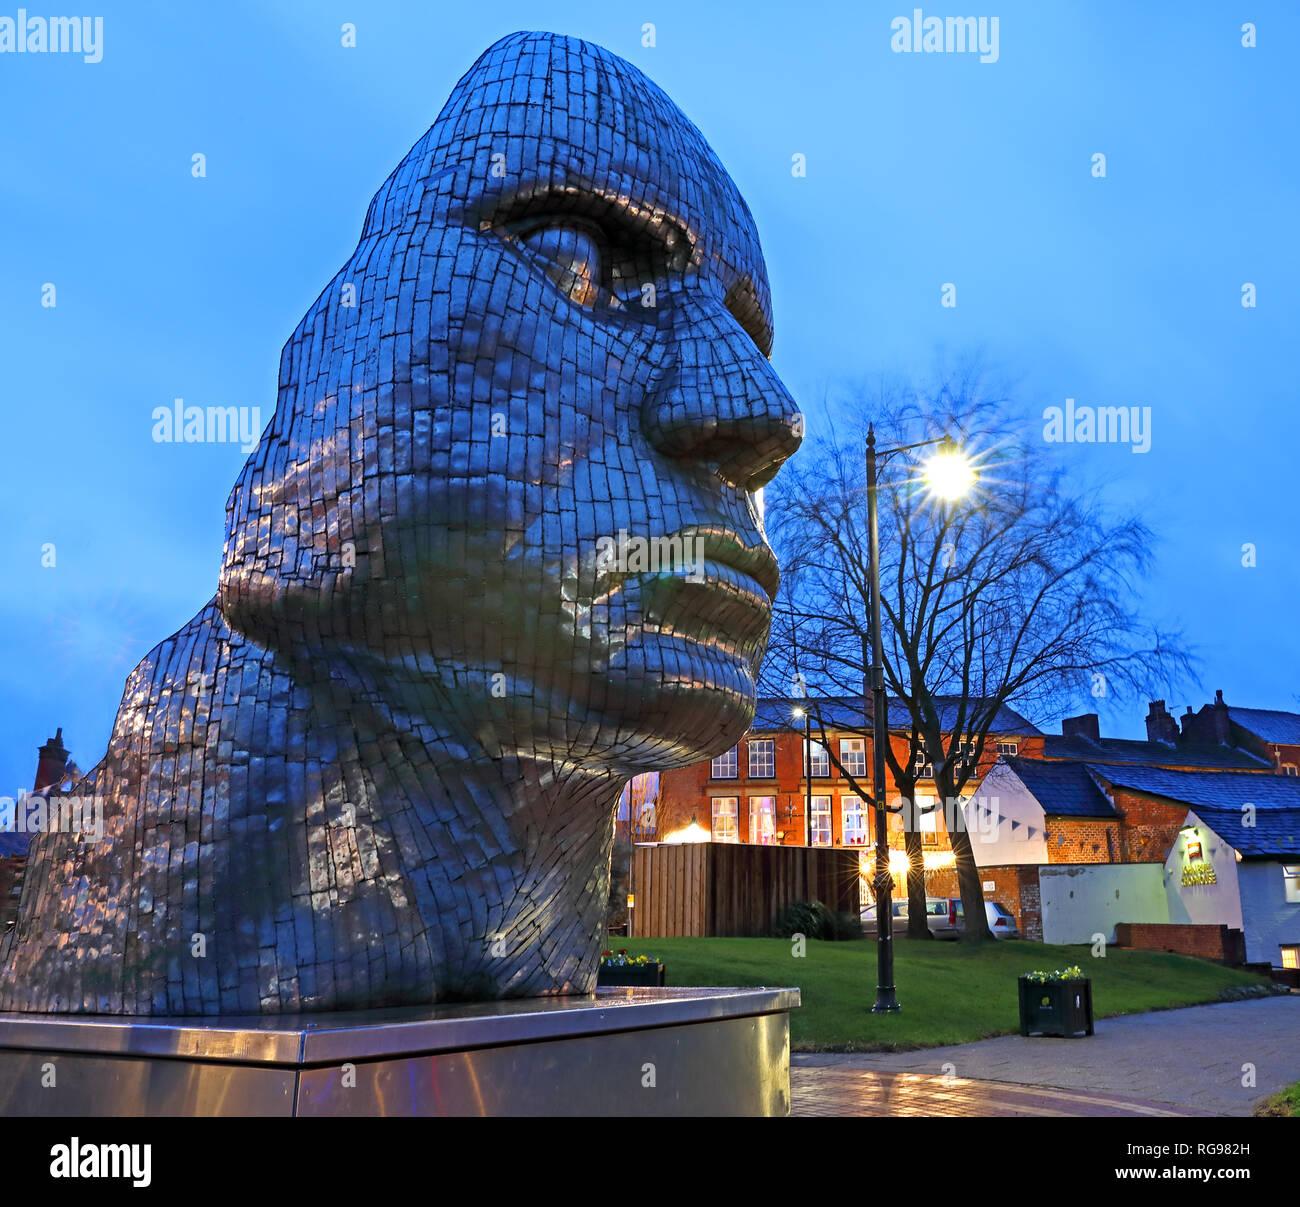 GoTonySmith,HotpixUK,@HotpixUK,England,UK,North